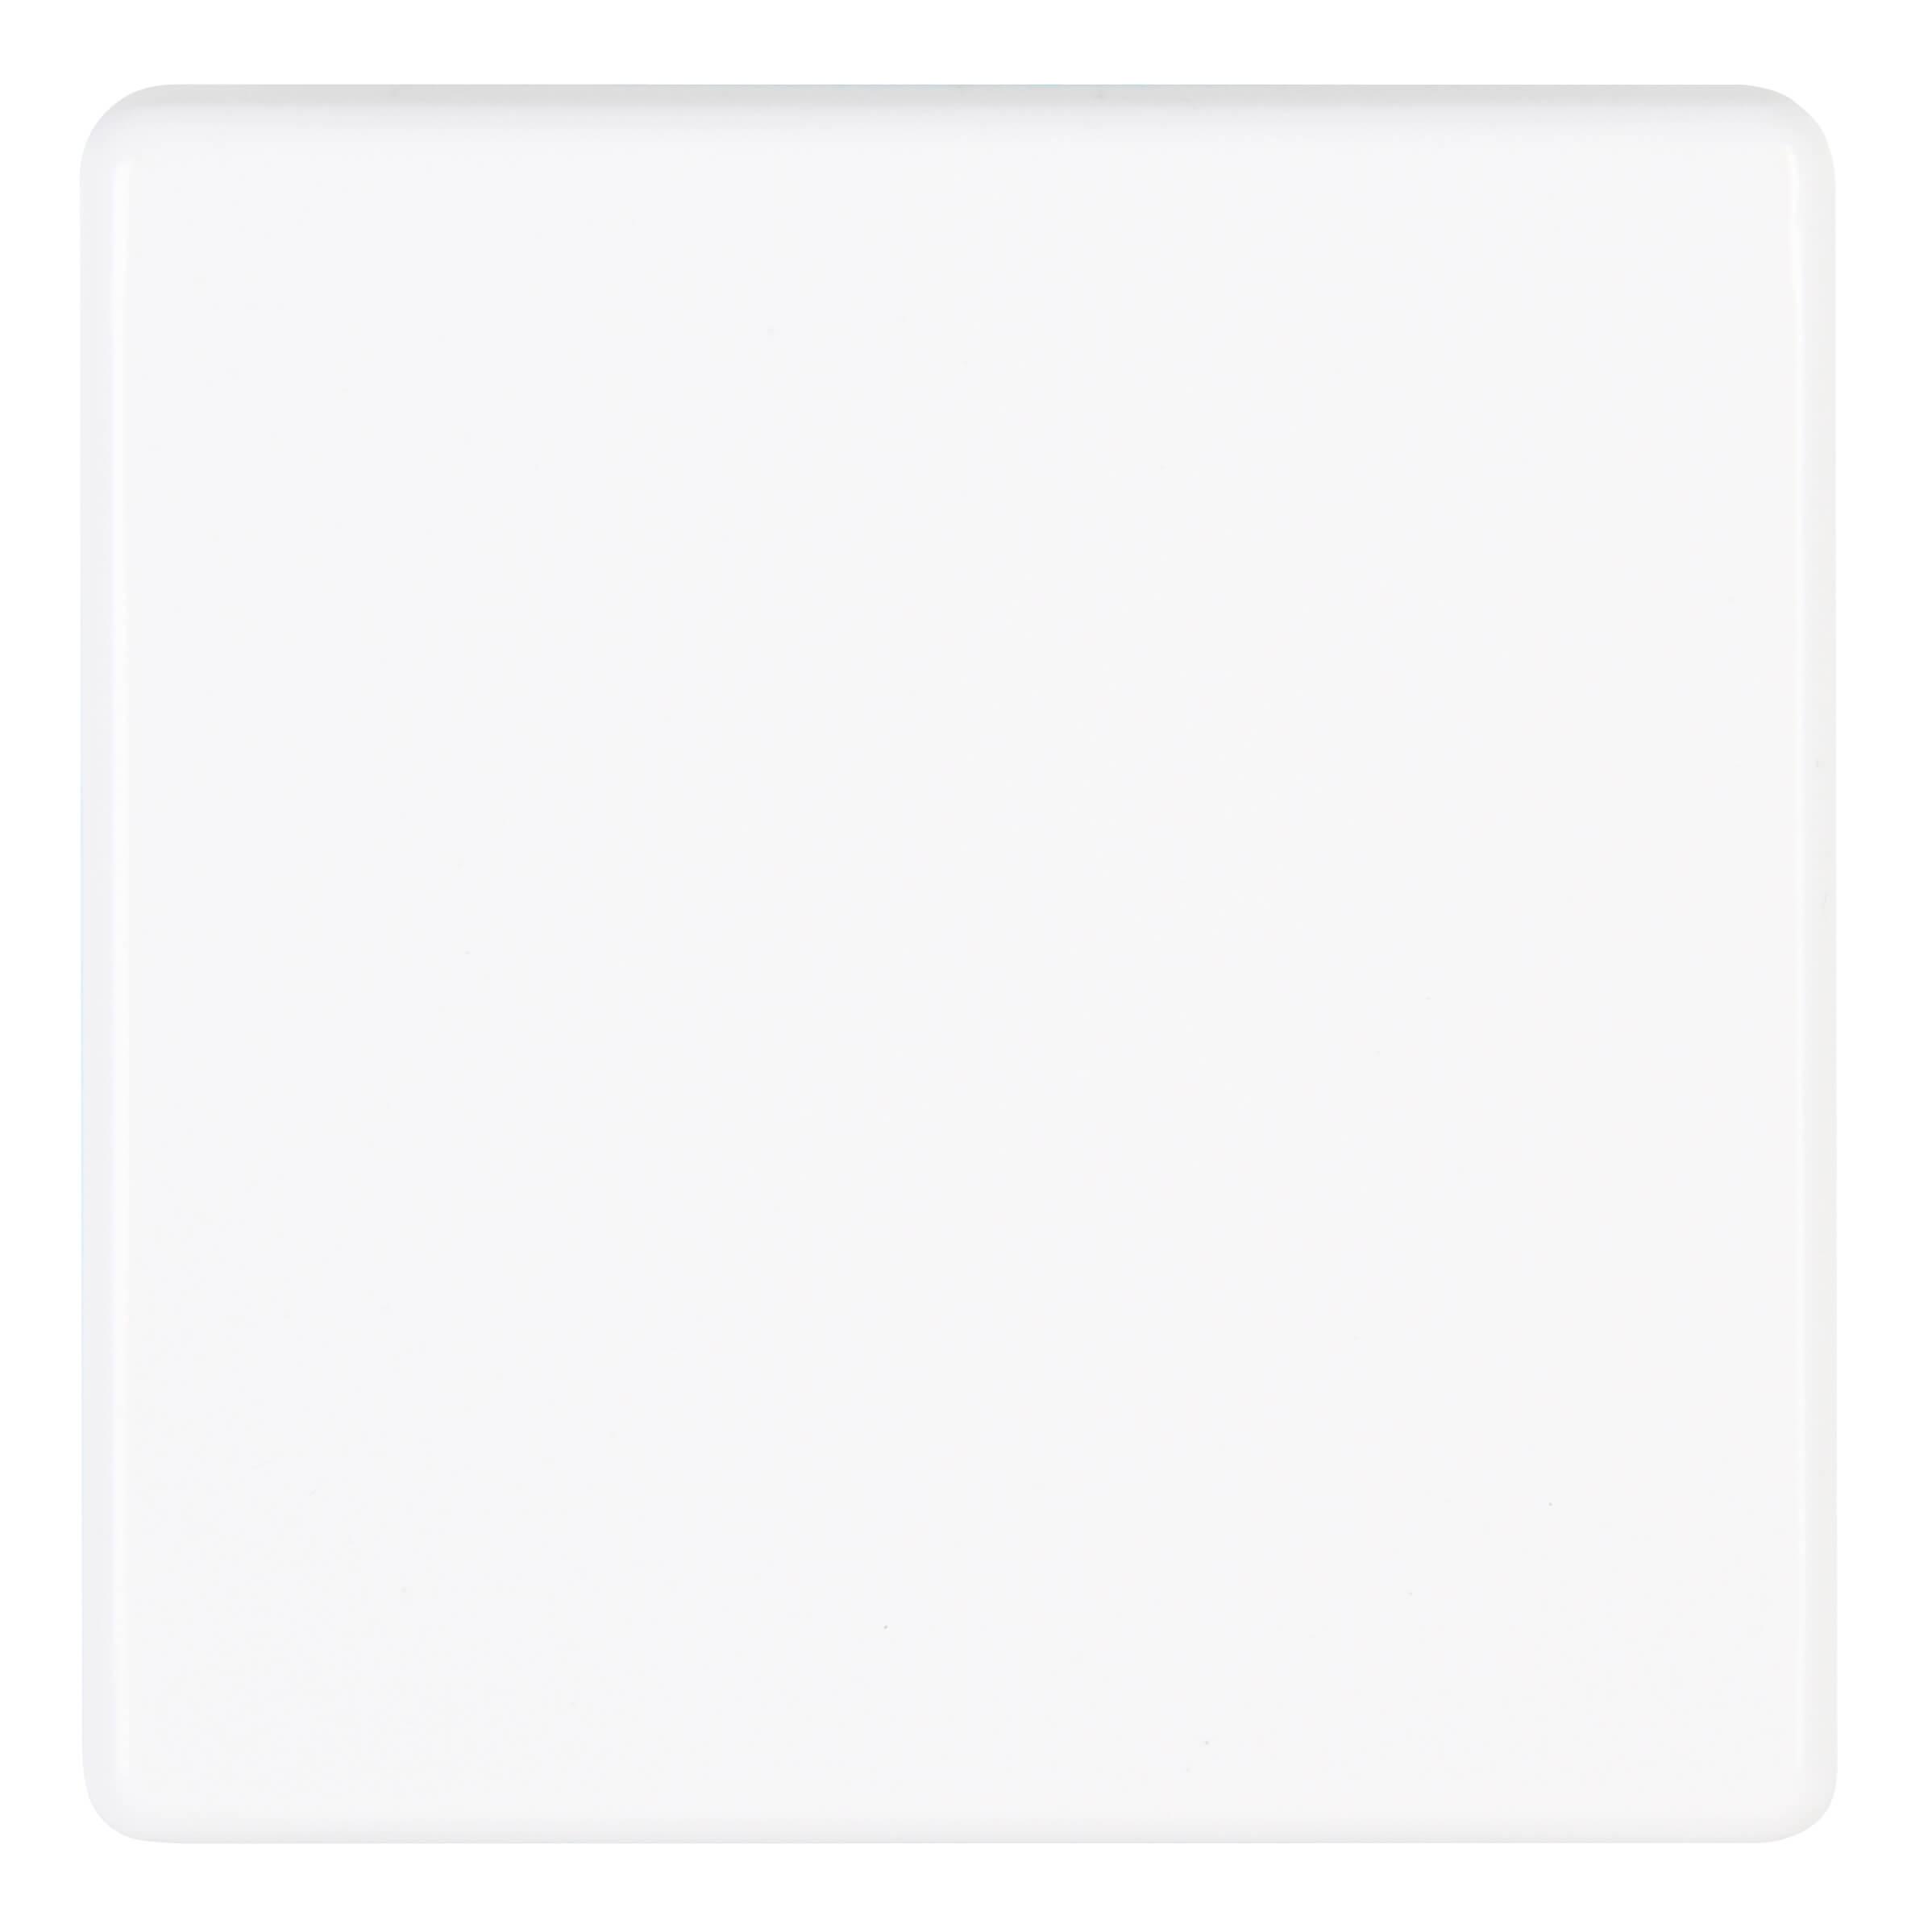 Kopp VISION wisselschakelaar arctic wit